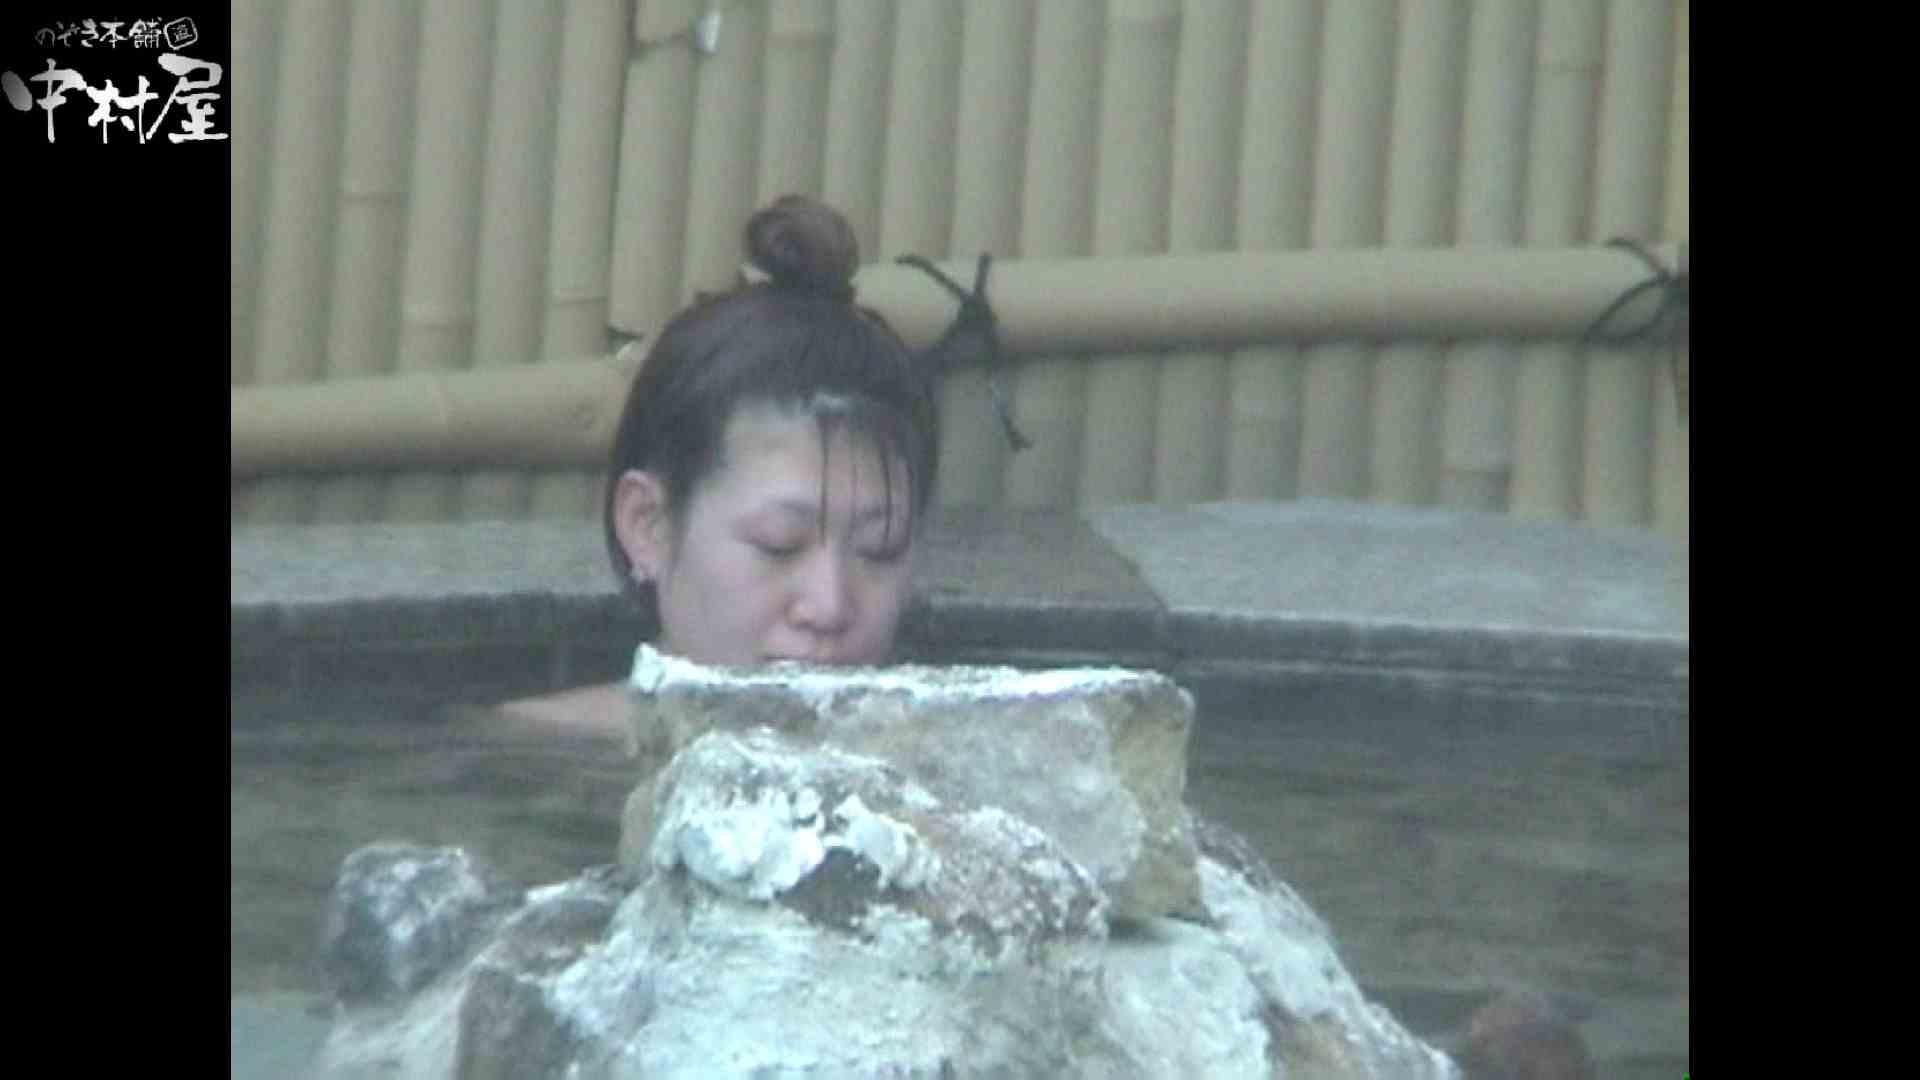 Aquaな露天風呂Vol.974 OLのエロ生活  39連発 30